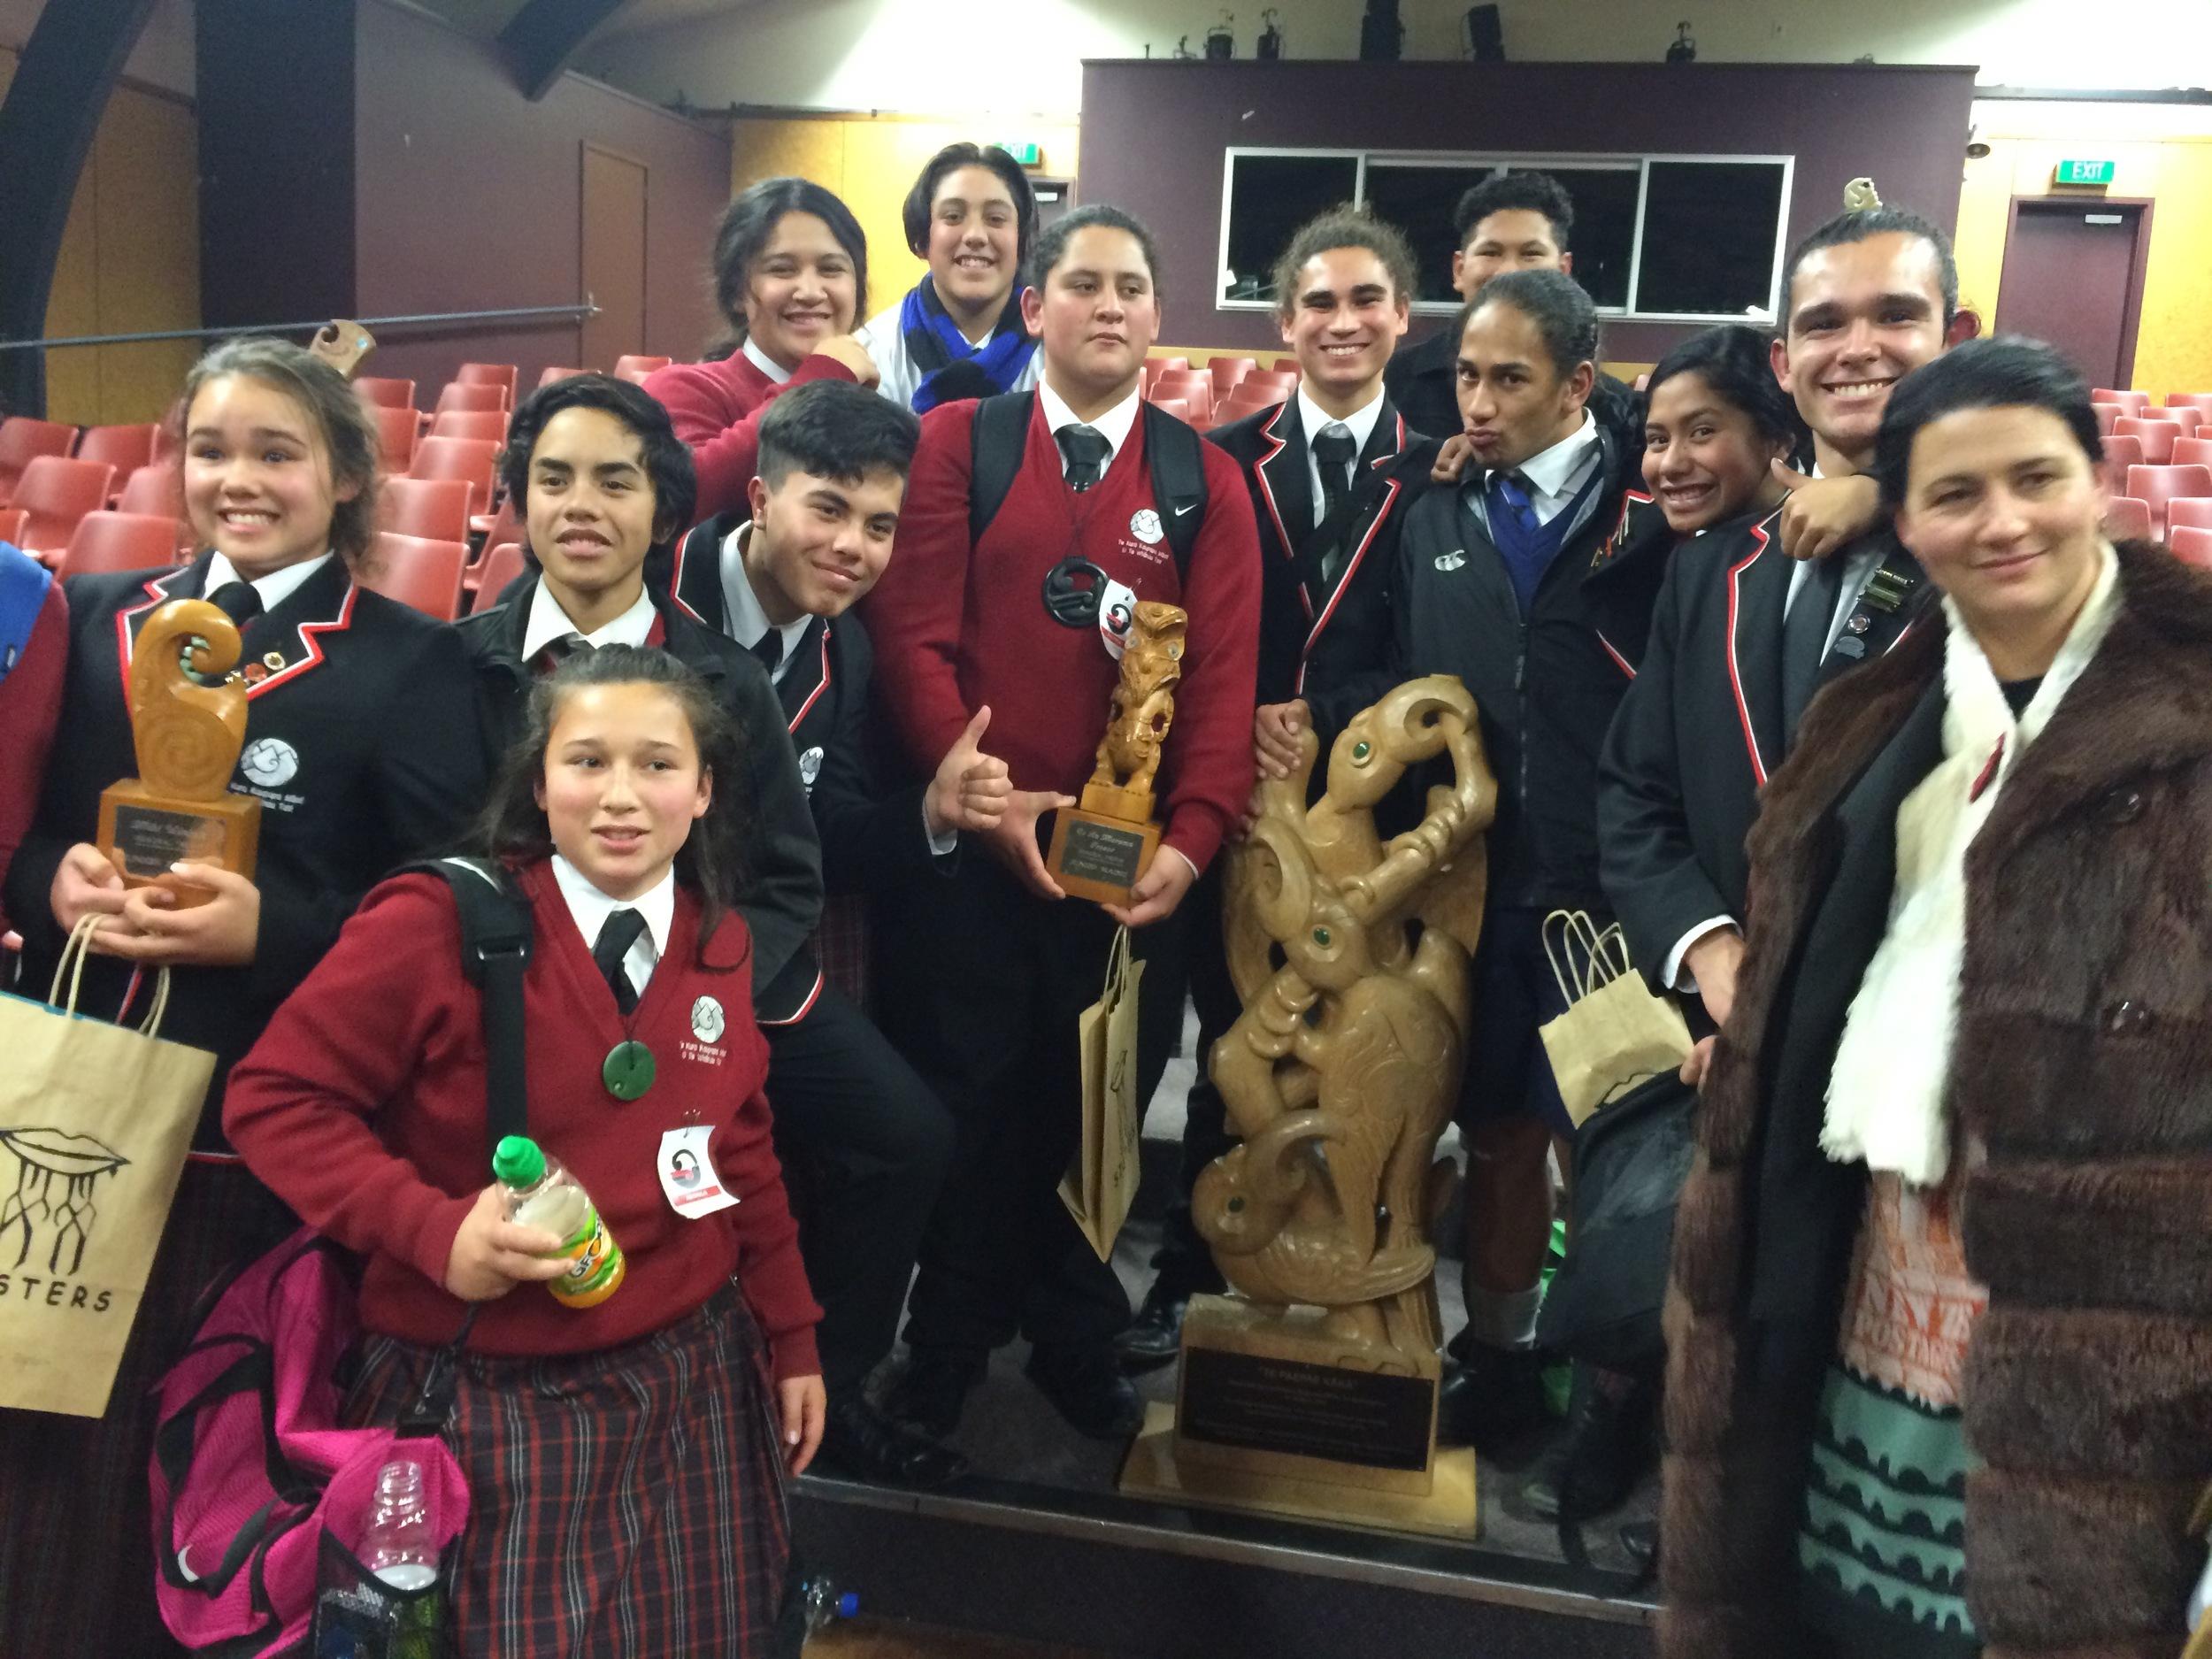 Te Kura Kaupapa Māori o Te Whānau Tahi : winner of Te Ao Marama Fraser Memorial trophy for Junior Māori (Rawhiti Ihaka); Mihi Winiata Trophy for Junior English (Sir Turi Carroll) and Te Paepae Kākā Trophy for the school that earns the highest aggregate.